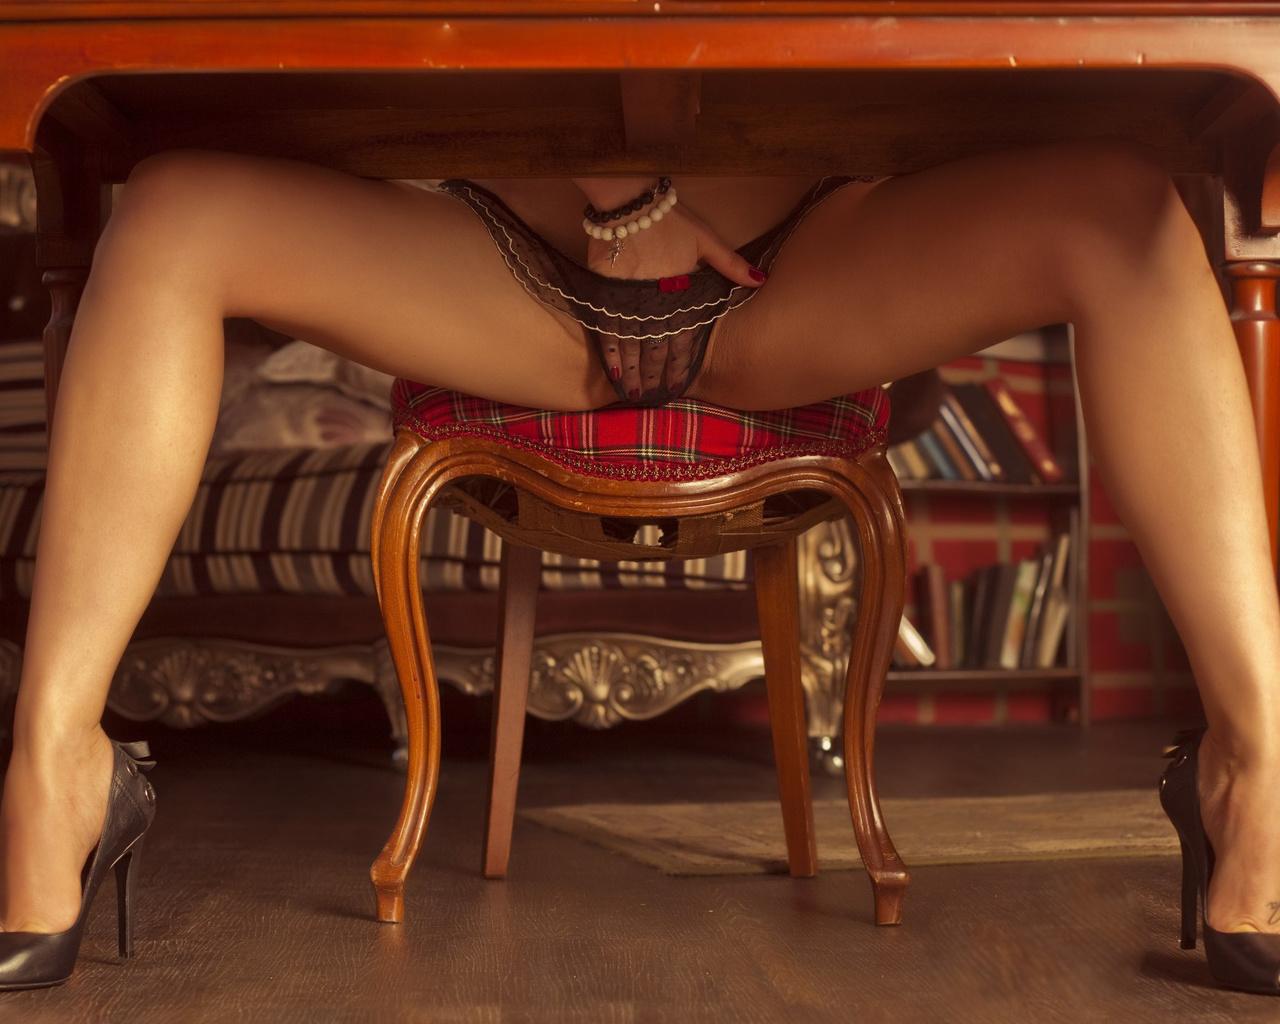 sidit-razdvinuv-nogi-foto